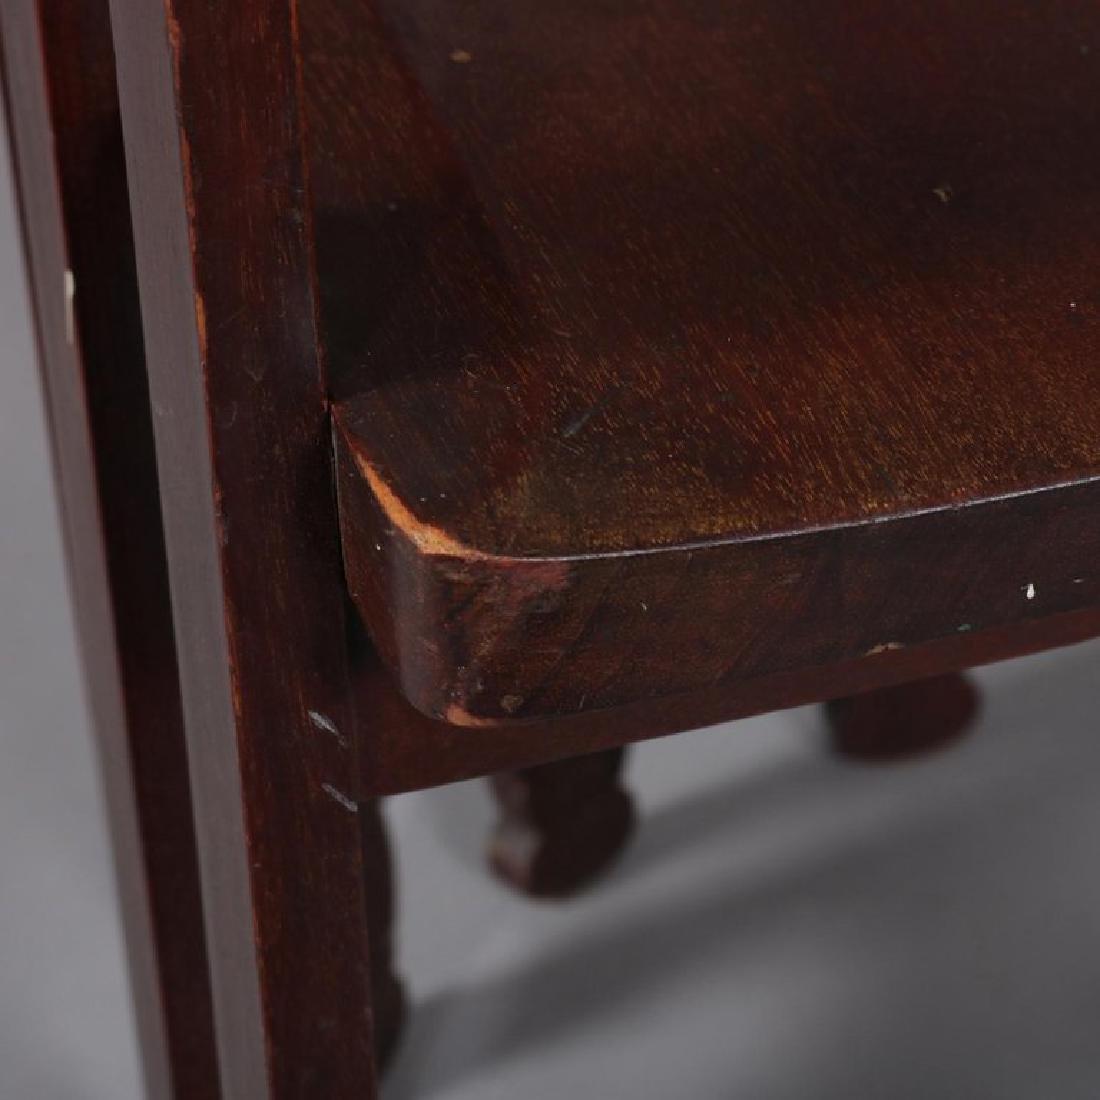 Arts & Crafts Prairie Frank Lloyd Wright School Chair - 9